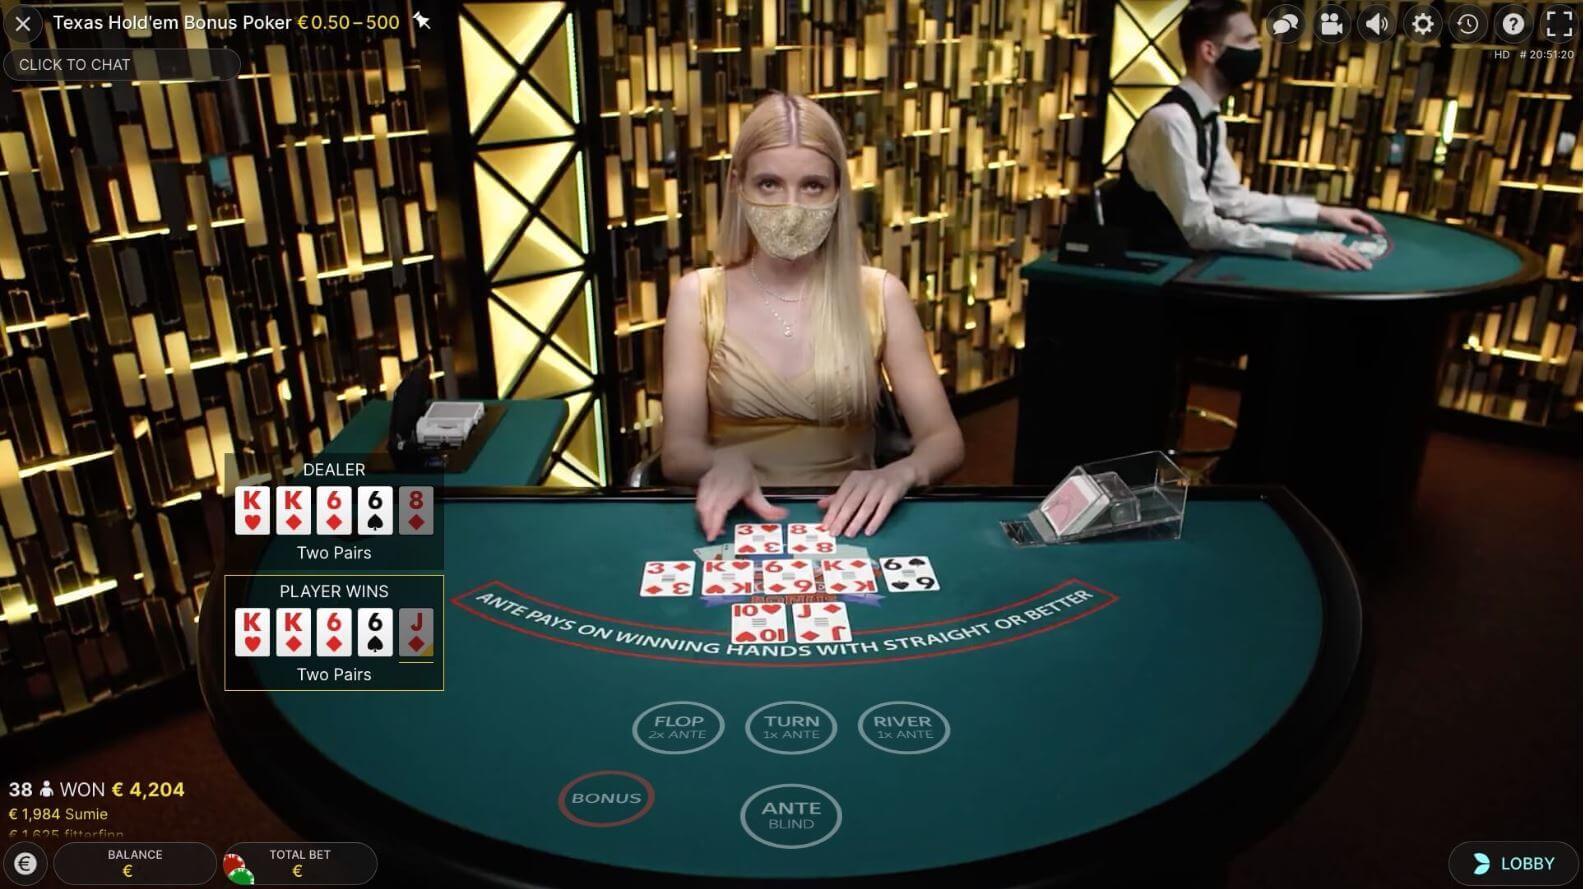 Live Poker - Texas Hold'em Bonus Poker - Evolution Gaming